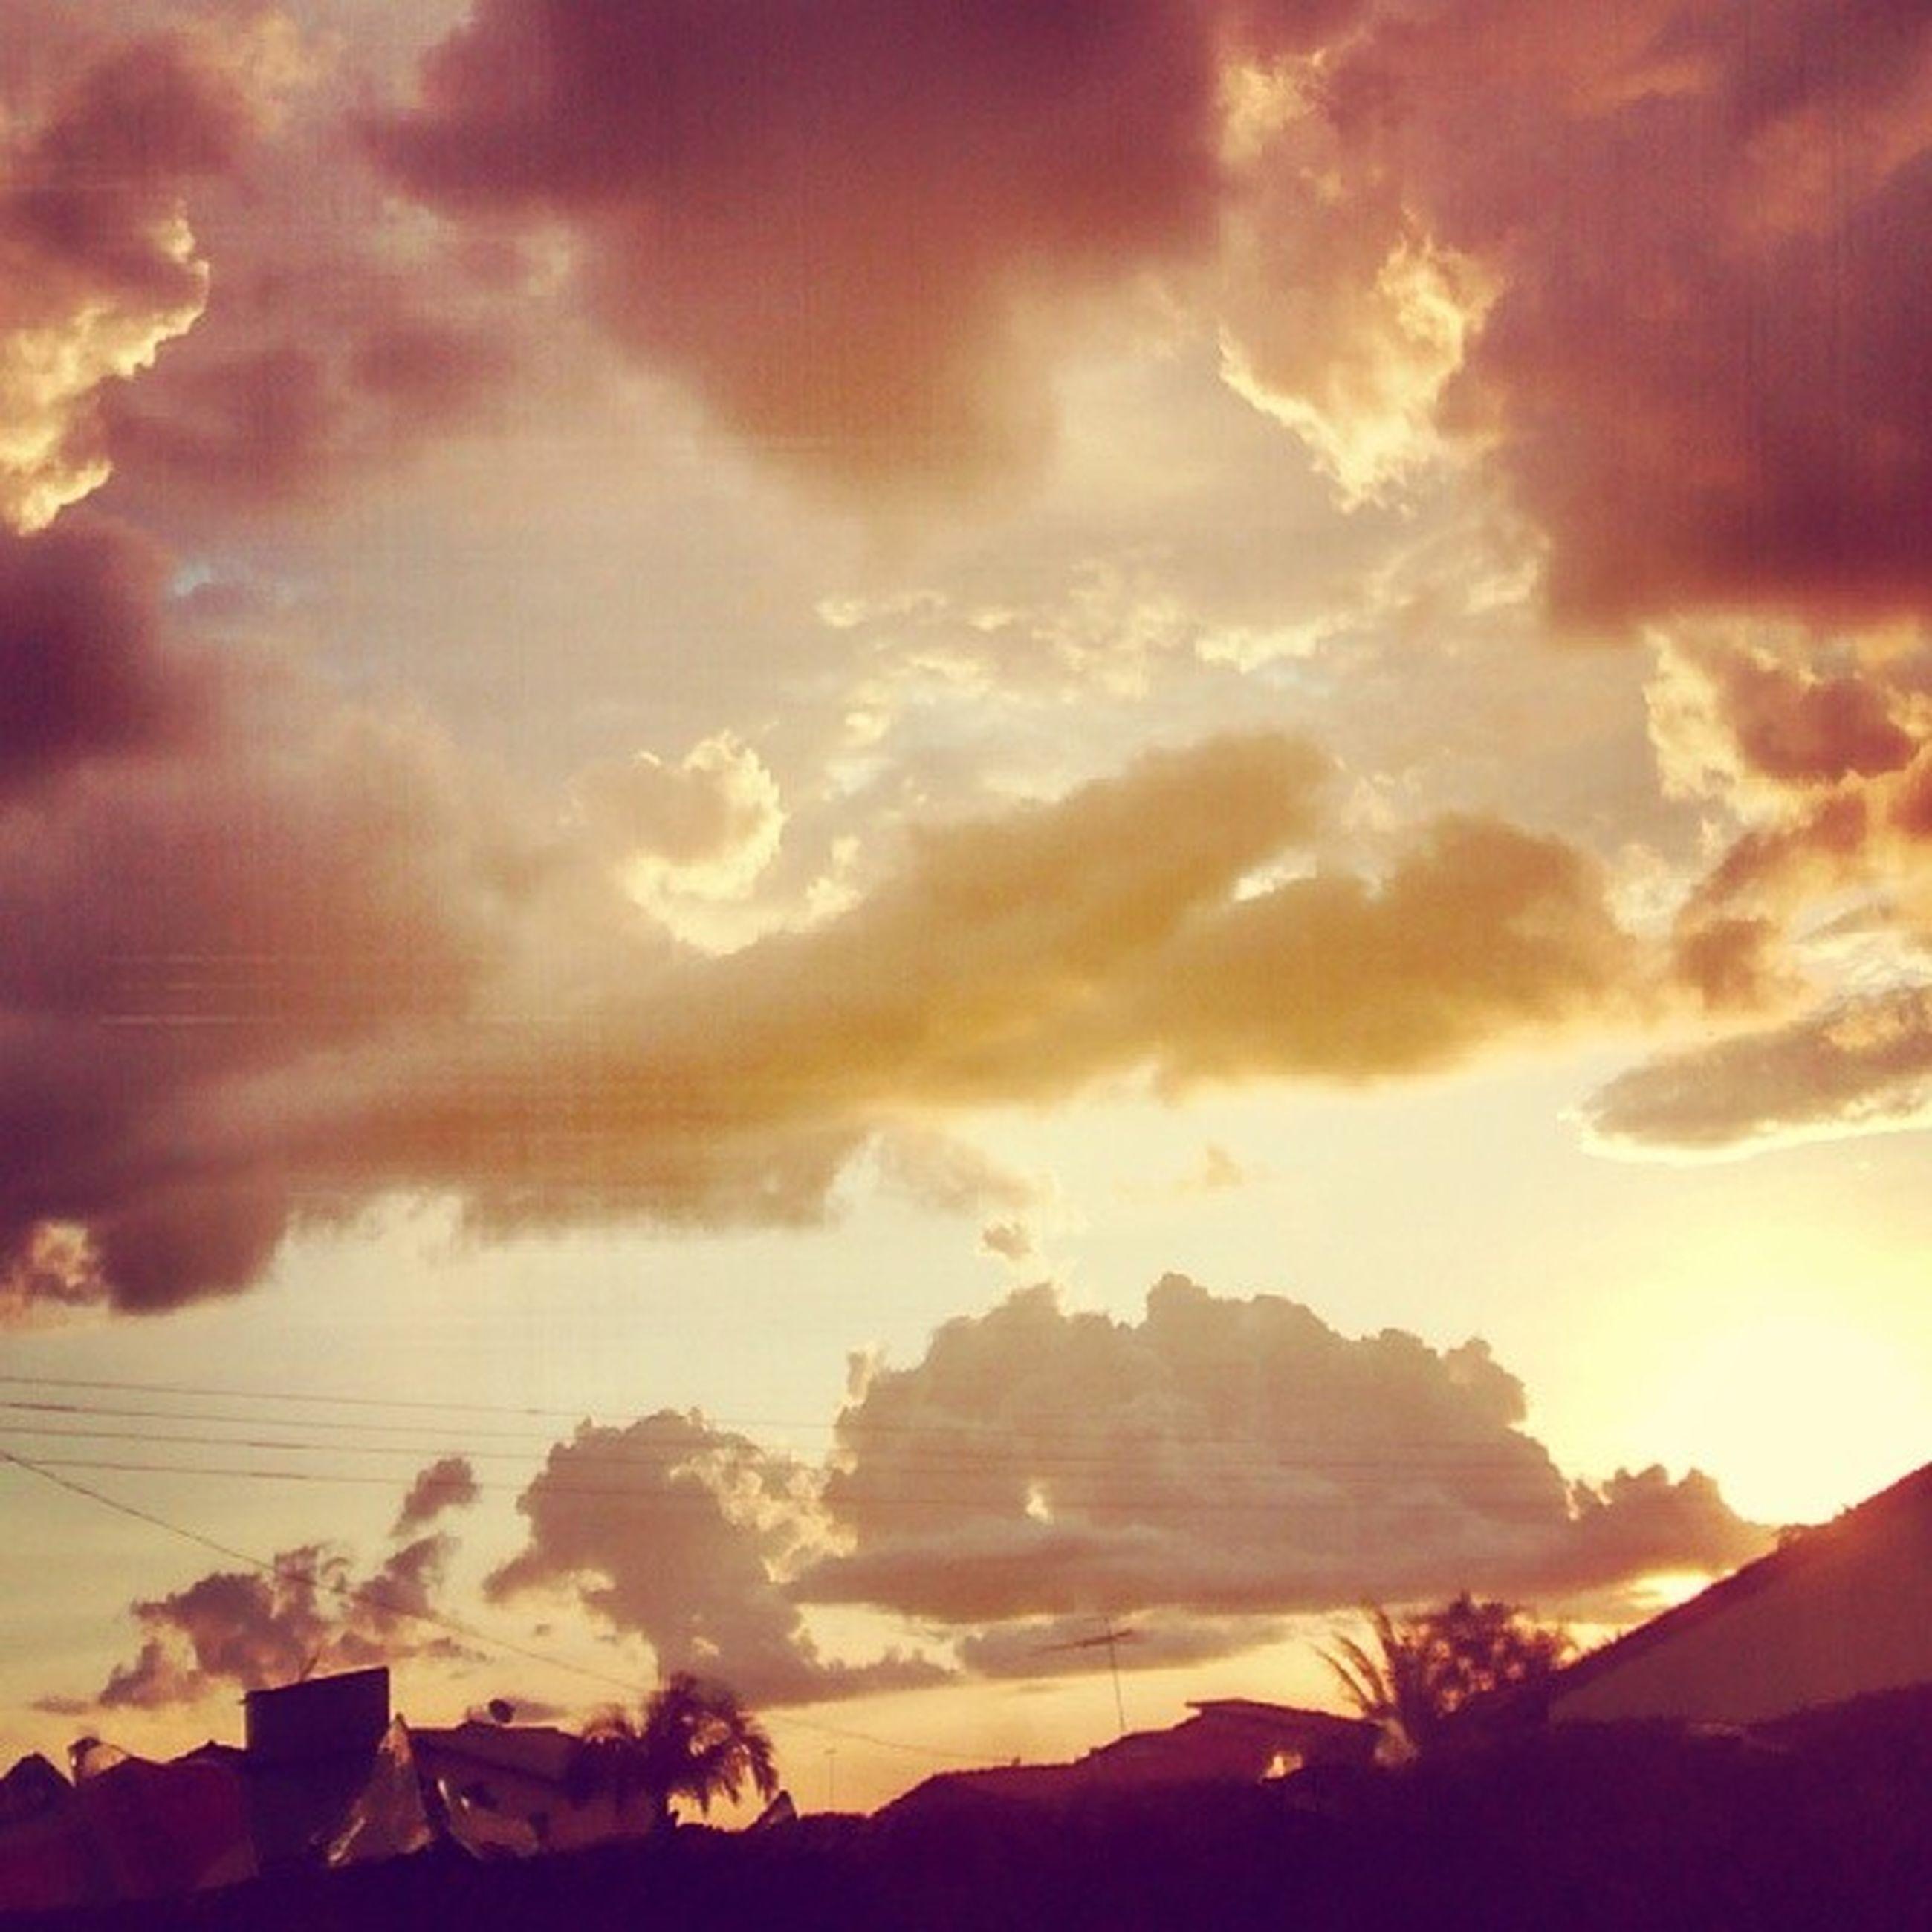 sky, sunset, cloud - sky, scenics, tranquil scene, beauty in nature, tranquility, silhouette, nature, sun, cloudy, sunbeam, mountain, idyllic, cloud, landscape, tree, sunlight, dramatic sky, orange color